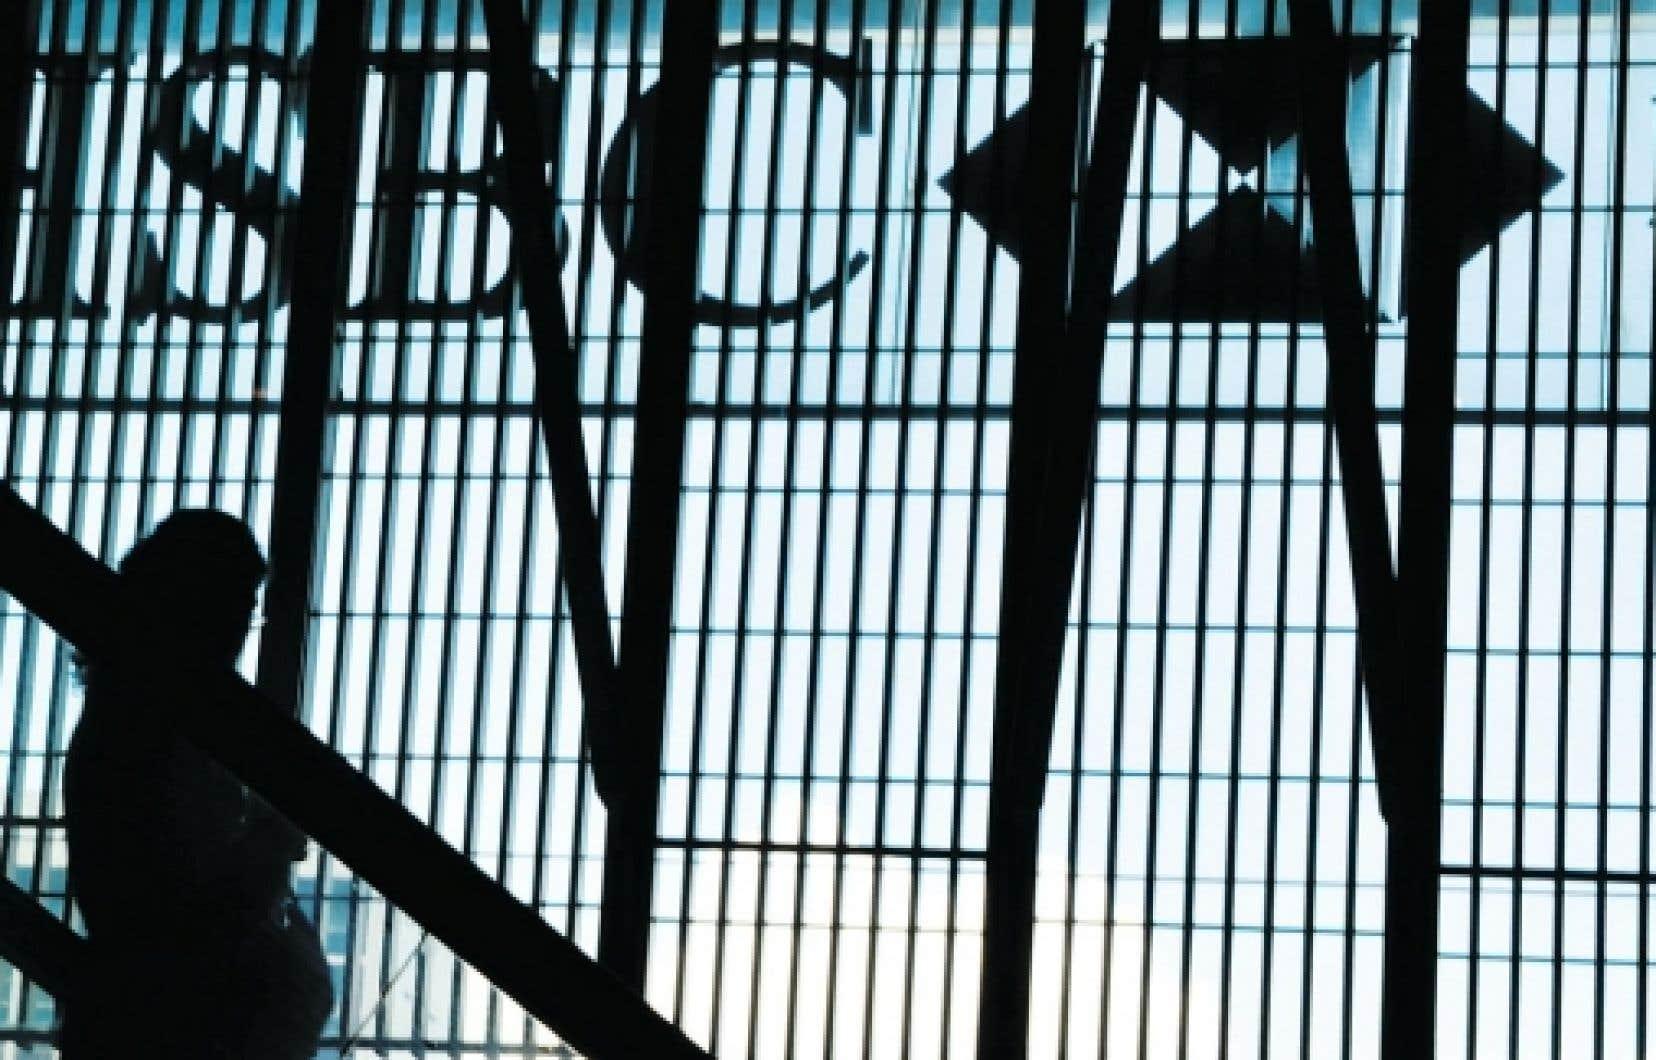 La Banque HSBC est présente dans 80 pays. Aux États-Unis, sa division gère un actif de 210 milliards, ce qui la classe parmi les dix plus grosses banques dans ce pays.